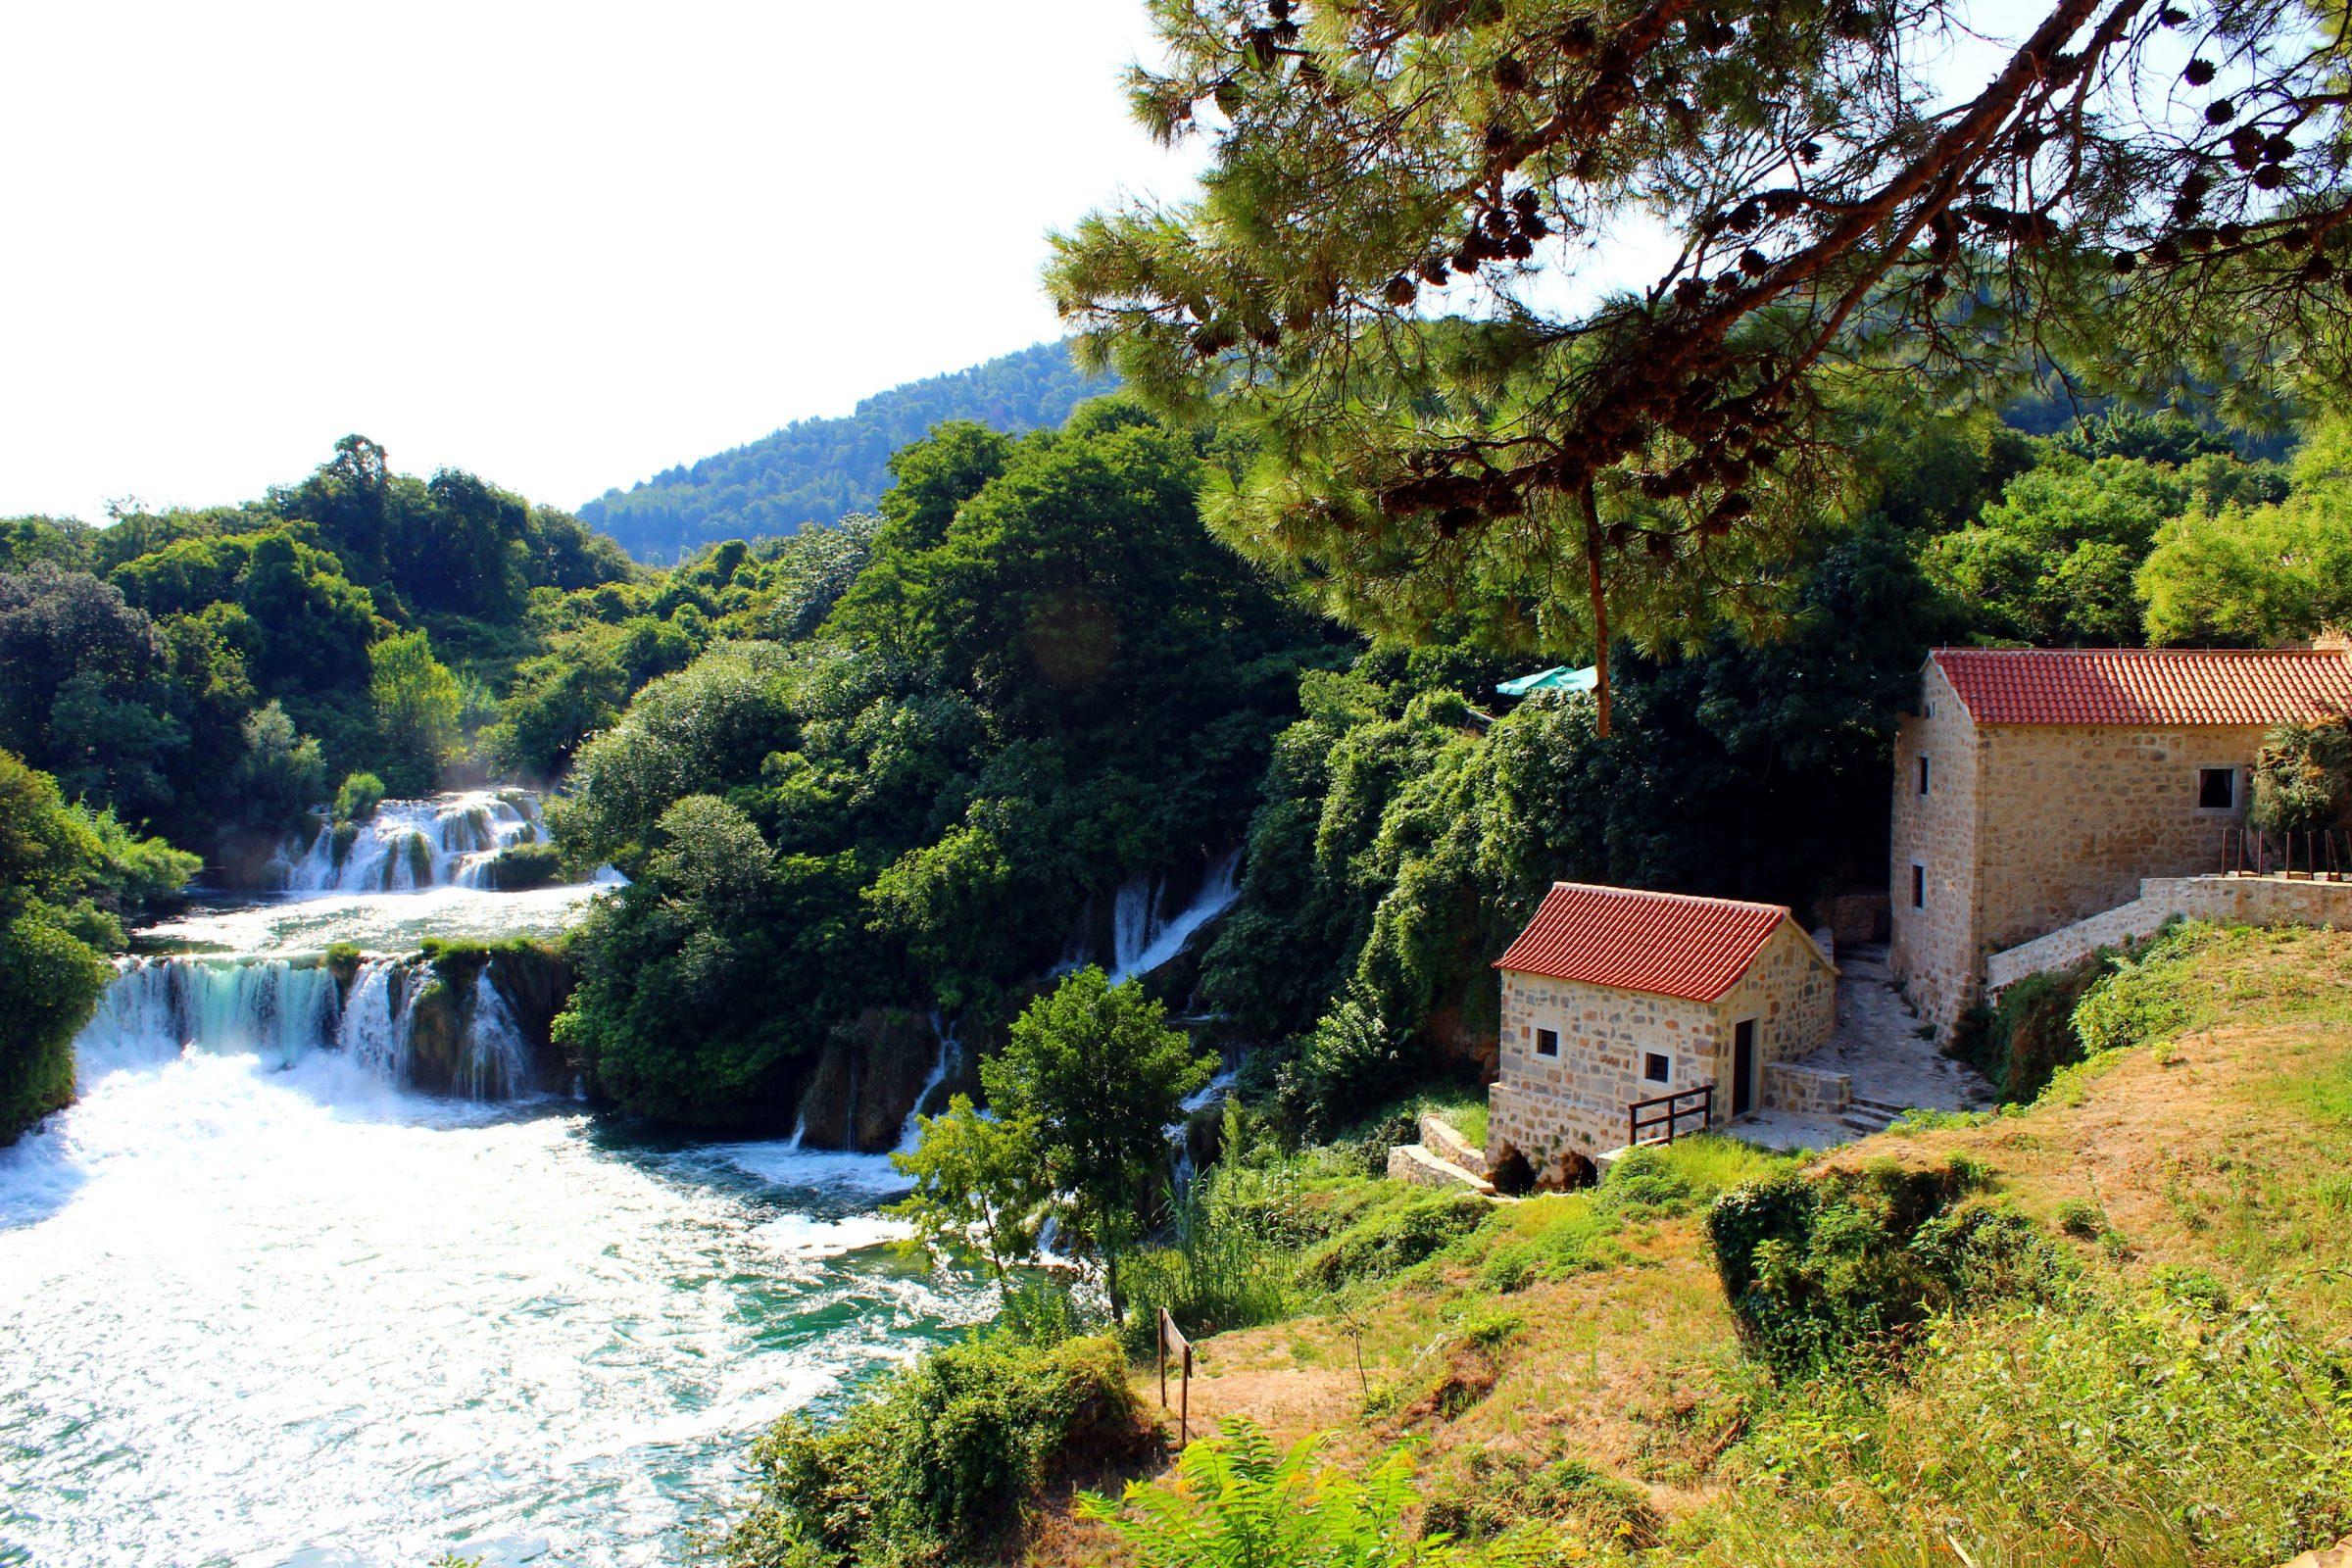 Omgeving van Krka Nationaal Park